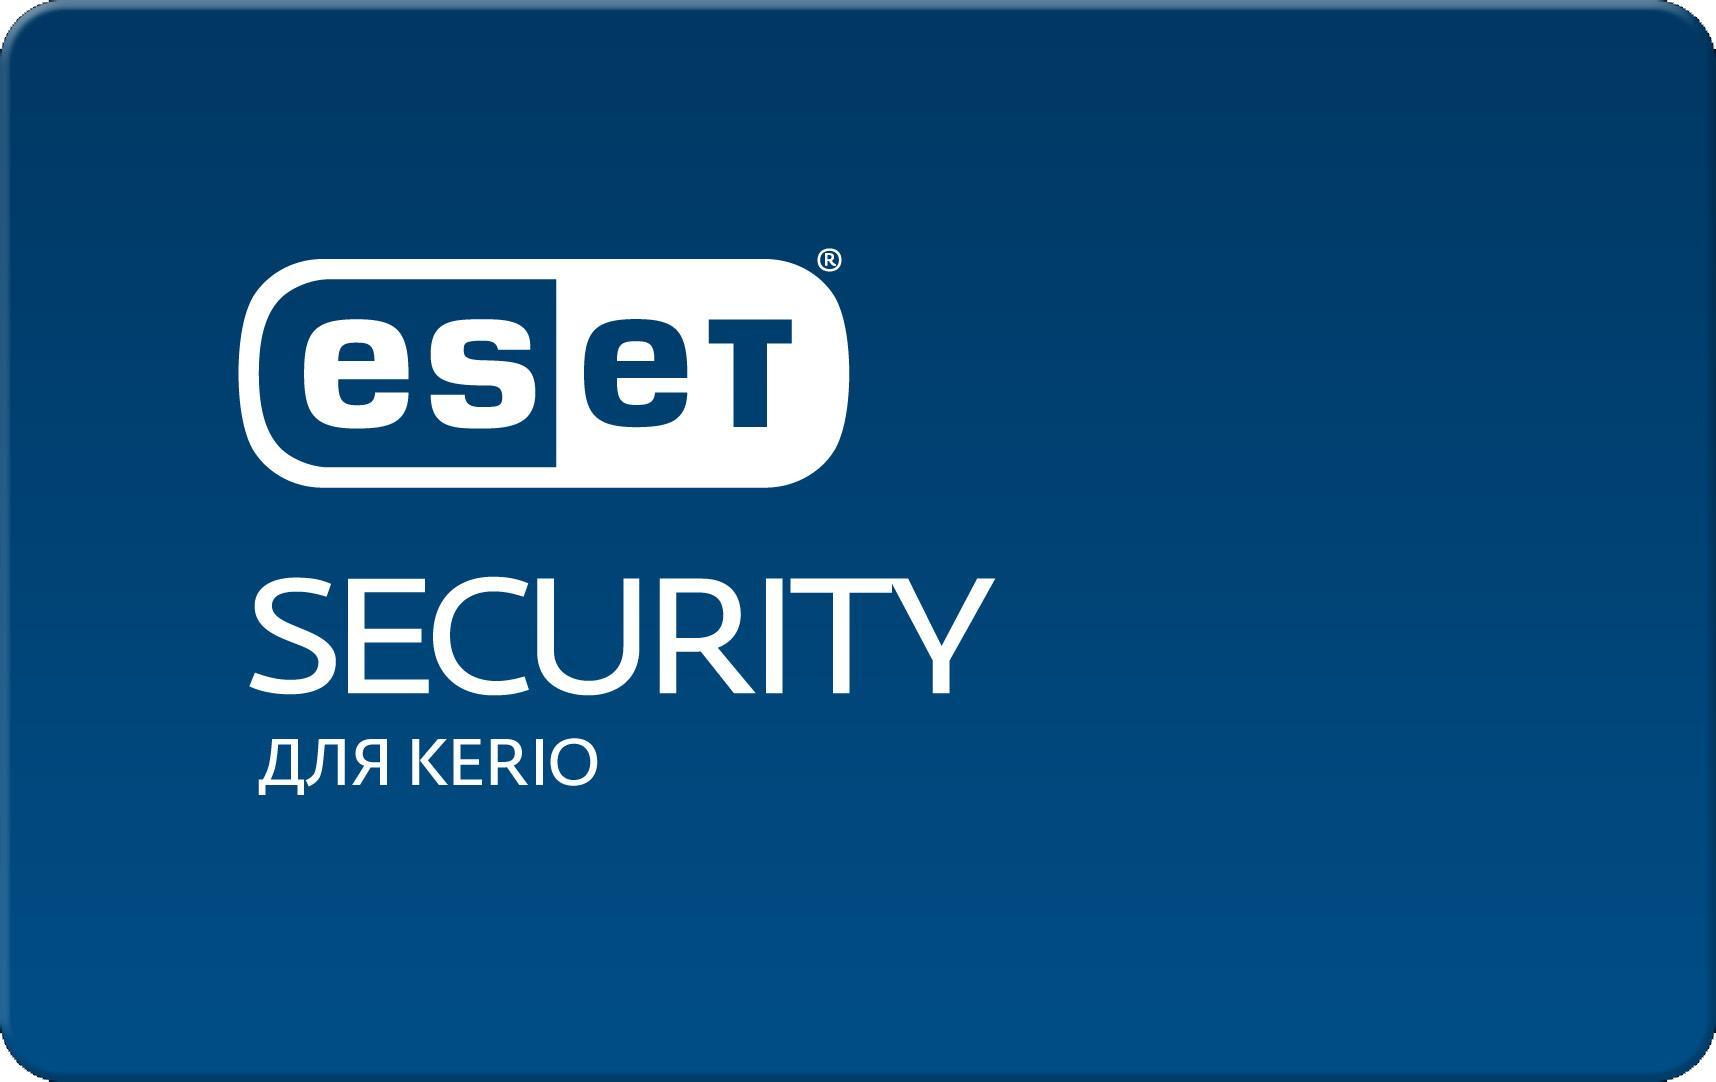 Защита почтовых серверов и интернет-шлюзов Eset Security для Kerio  для 119 пользователей